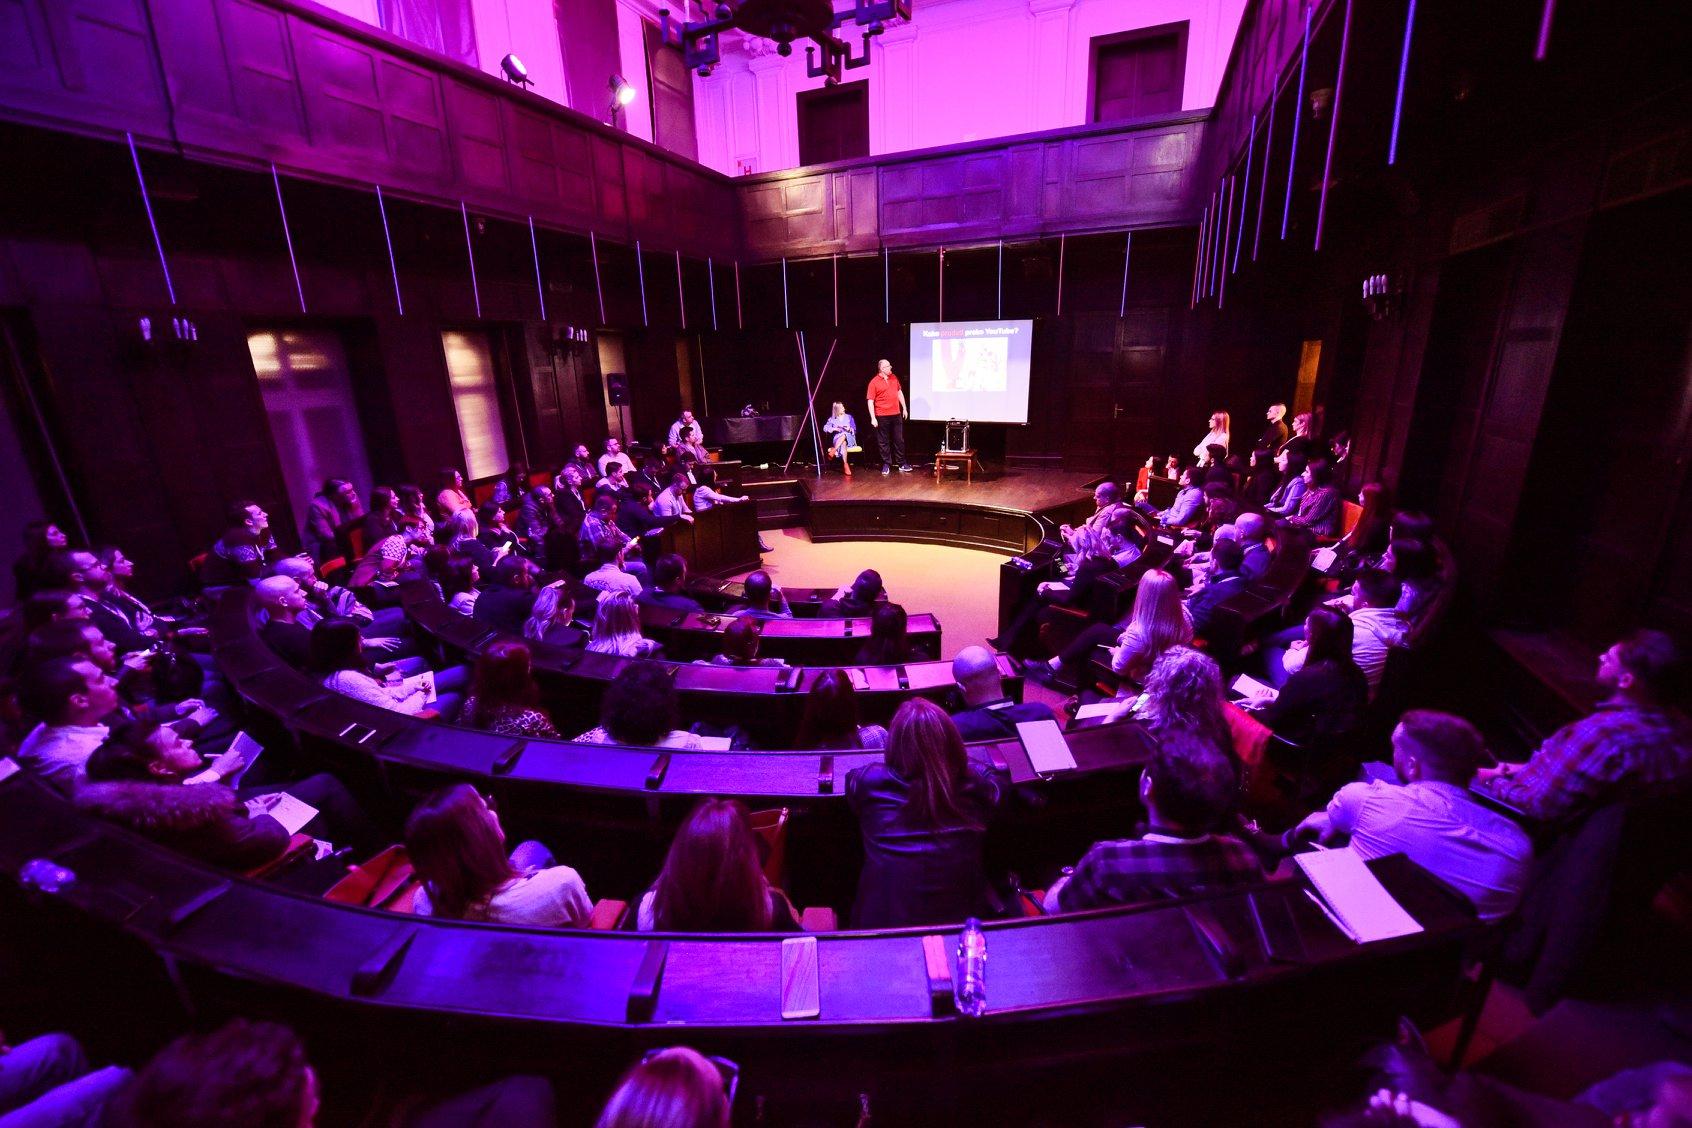 konverzija digital marketing konferencija